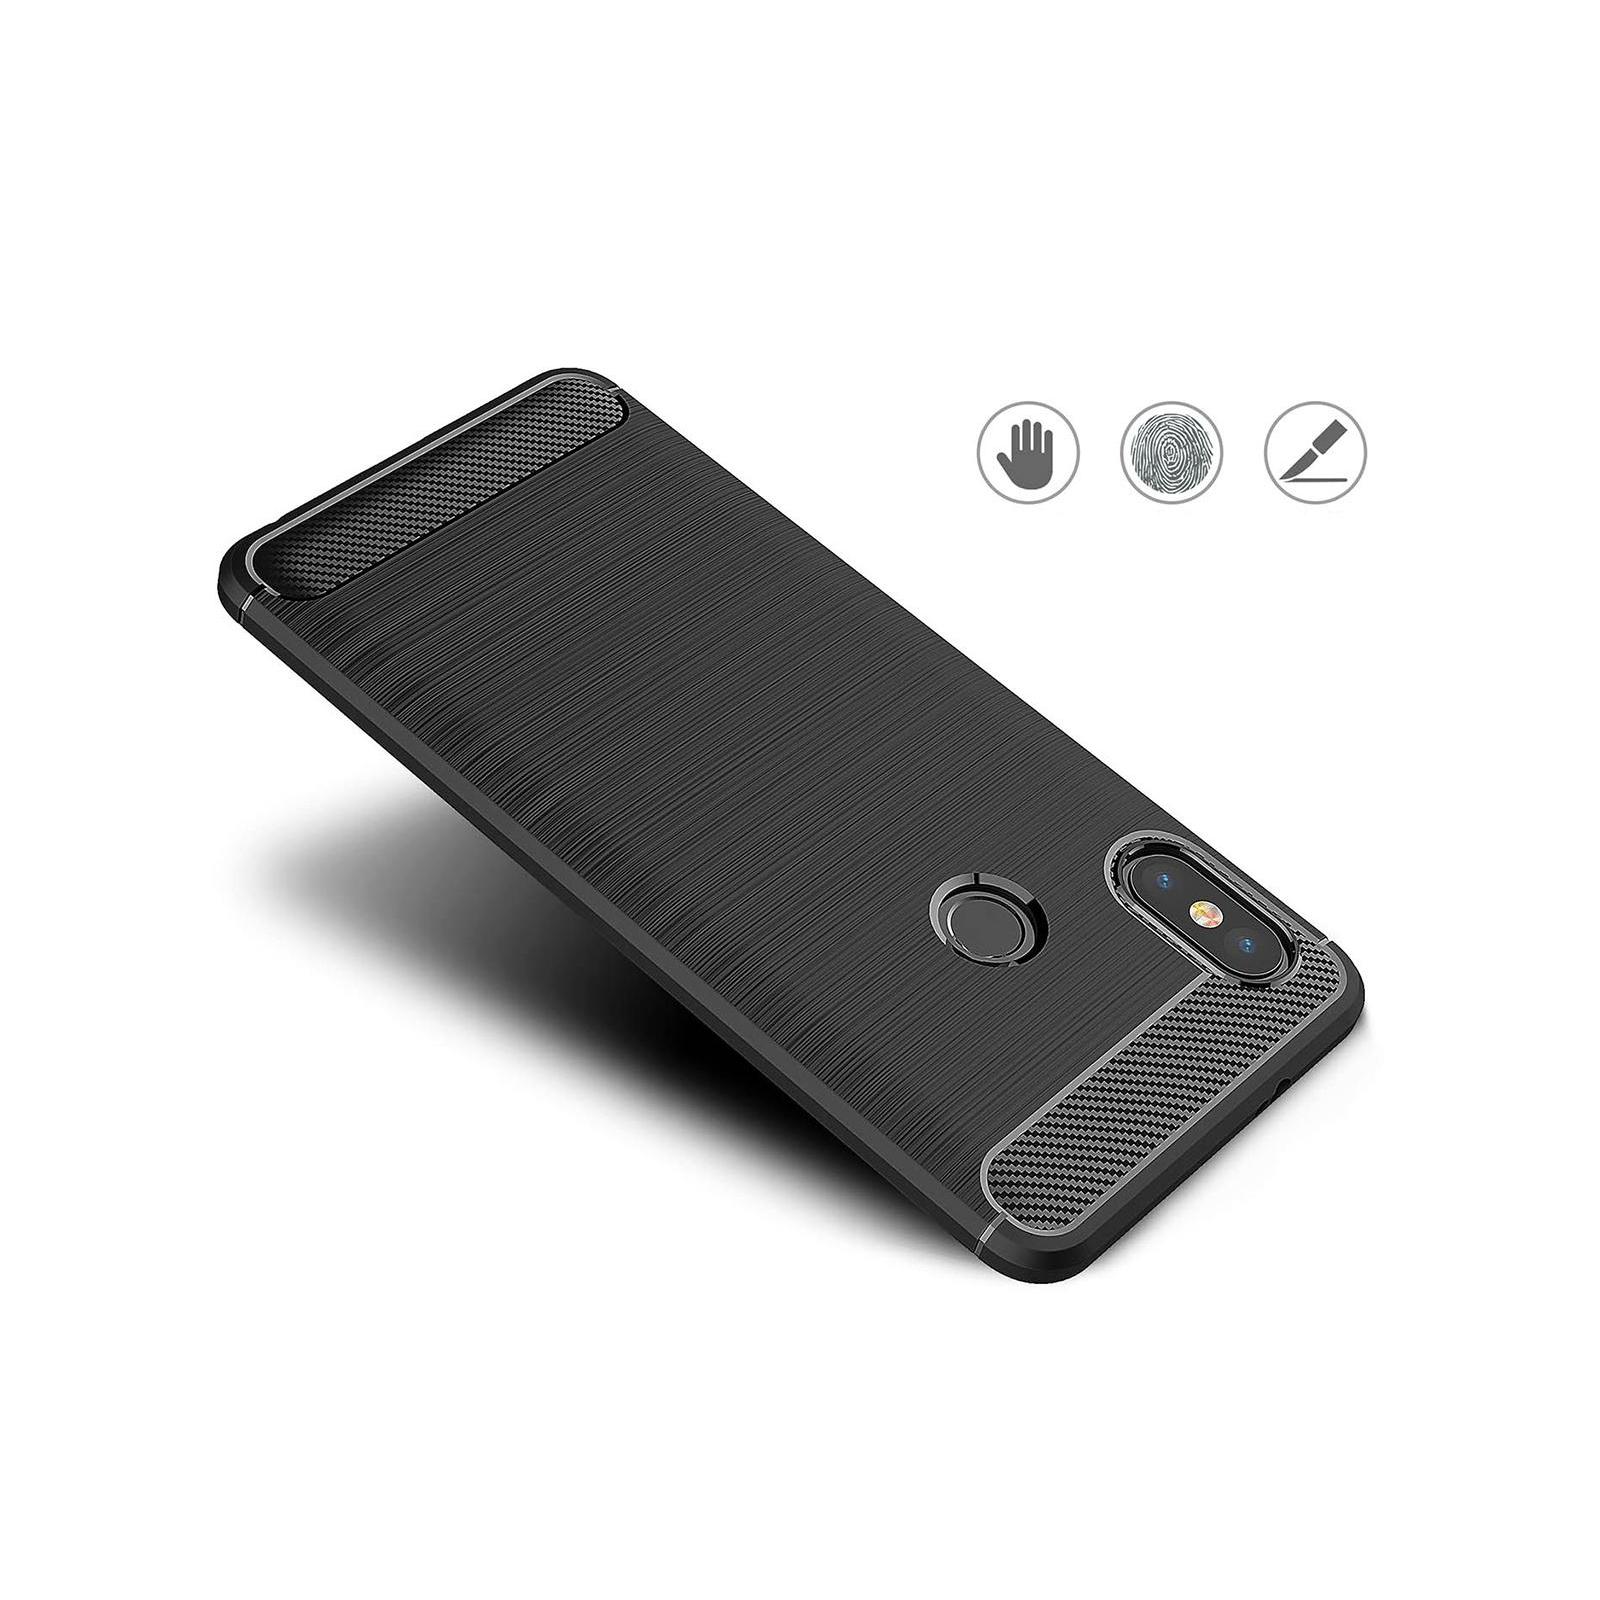 Чехол для моб. телефона Laudtec для XiaomiRedmi Note 5 Pro Carbon Fiber (Black) (LT-RN5PB) изображение 7